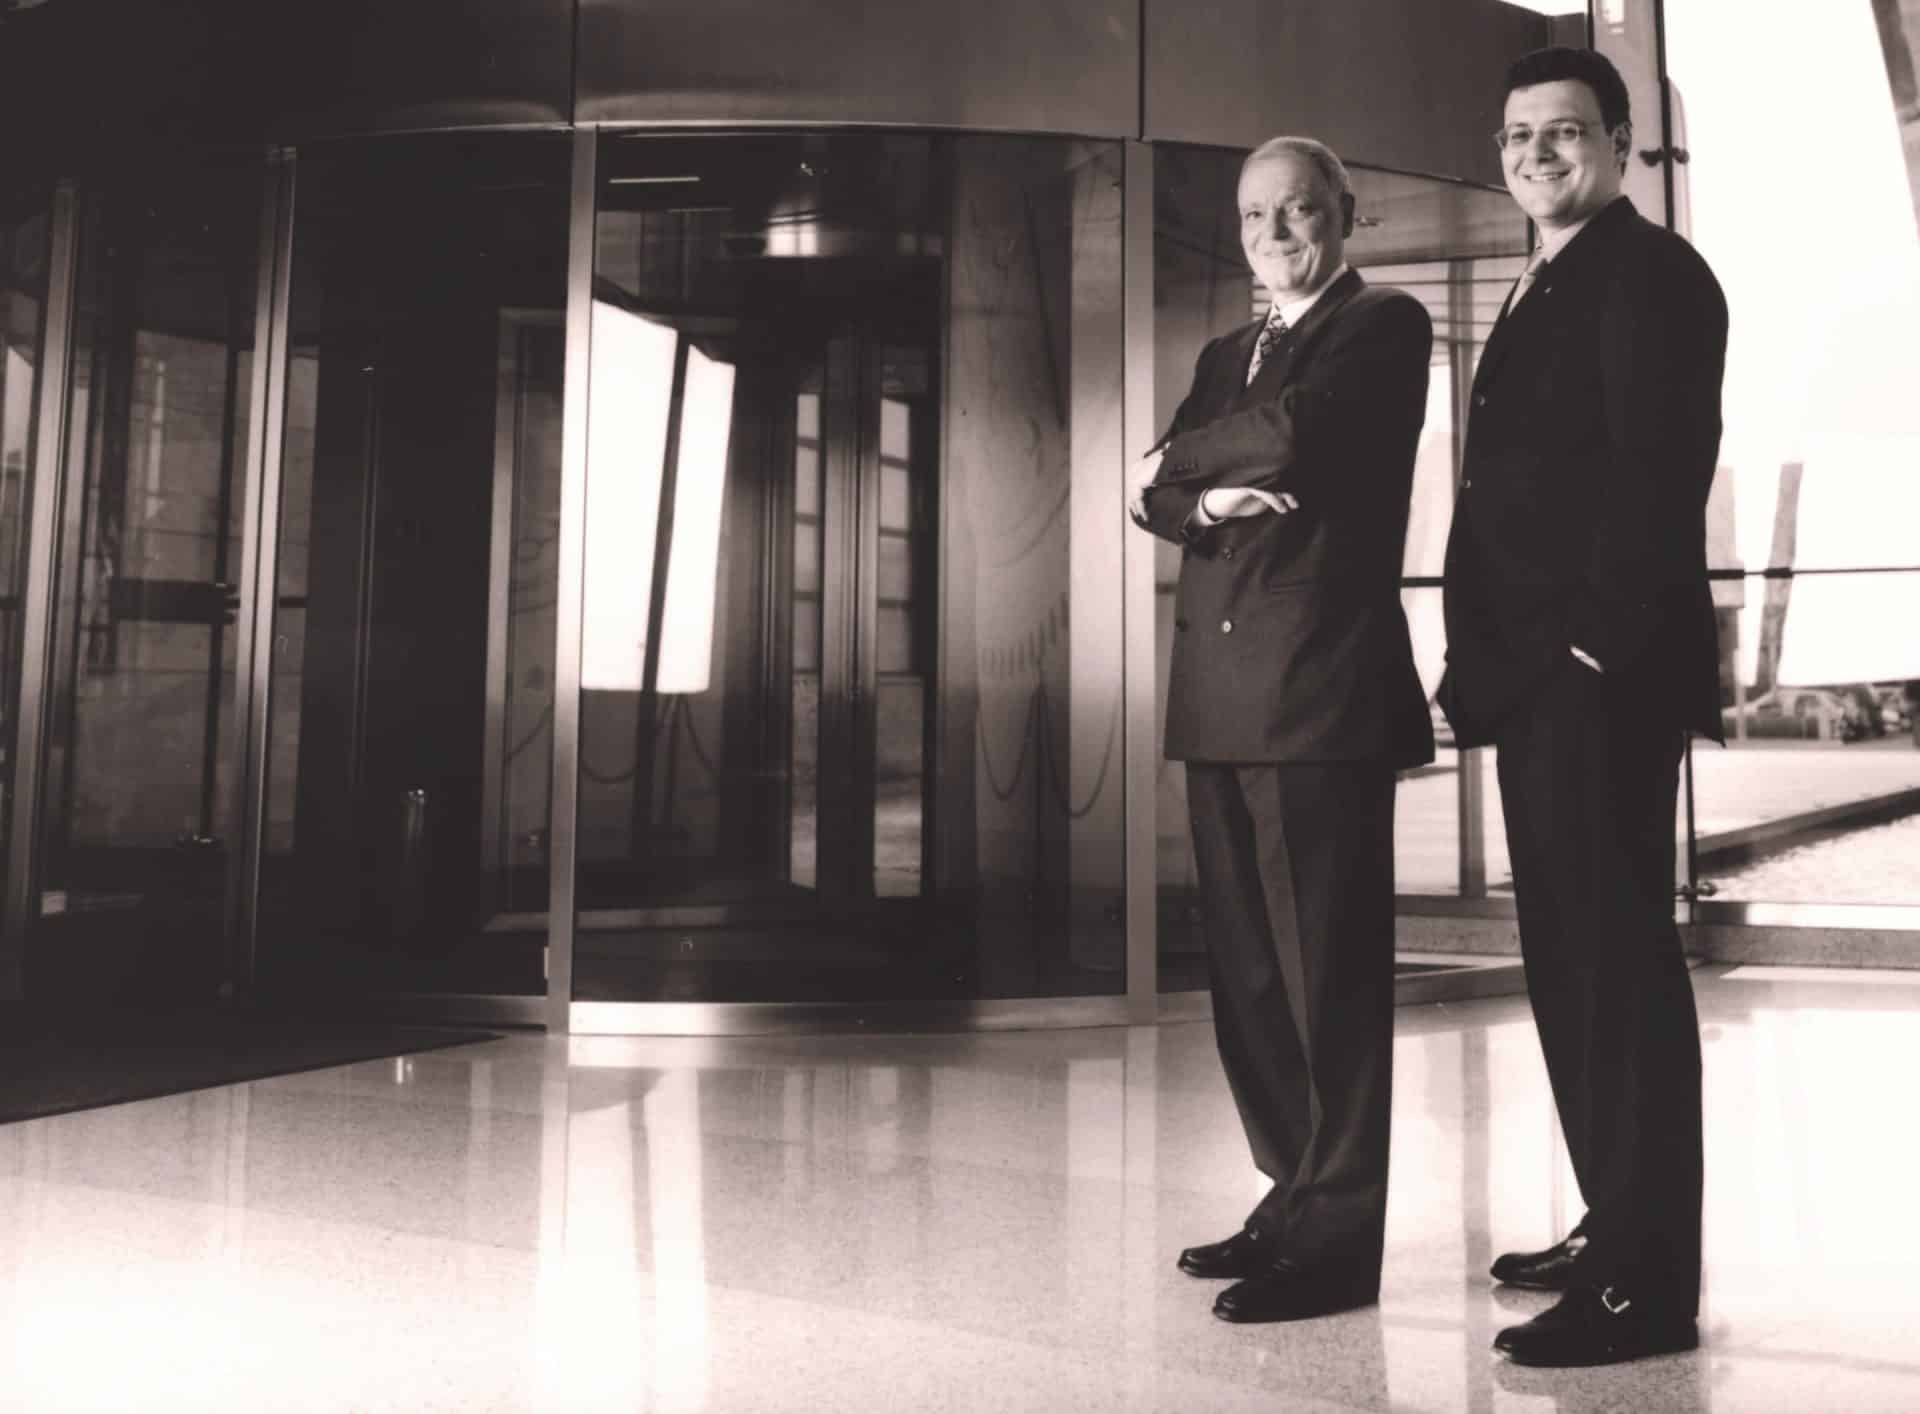 Philippe und Thierry Stern im Patek Gebäude